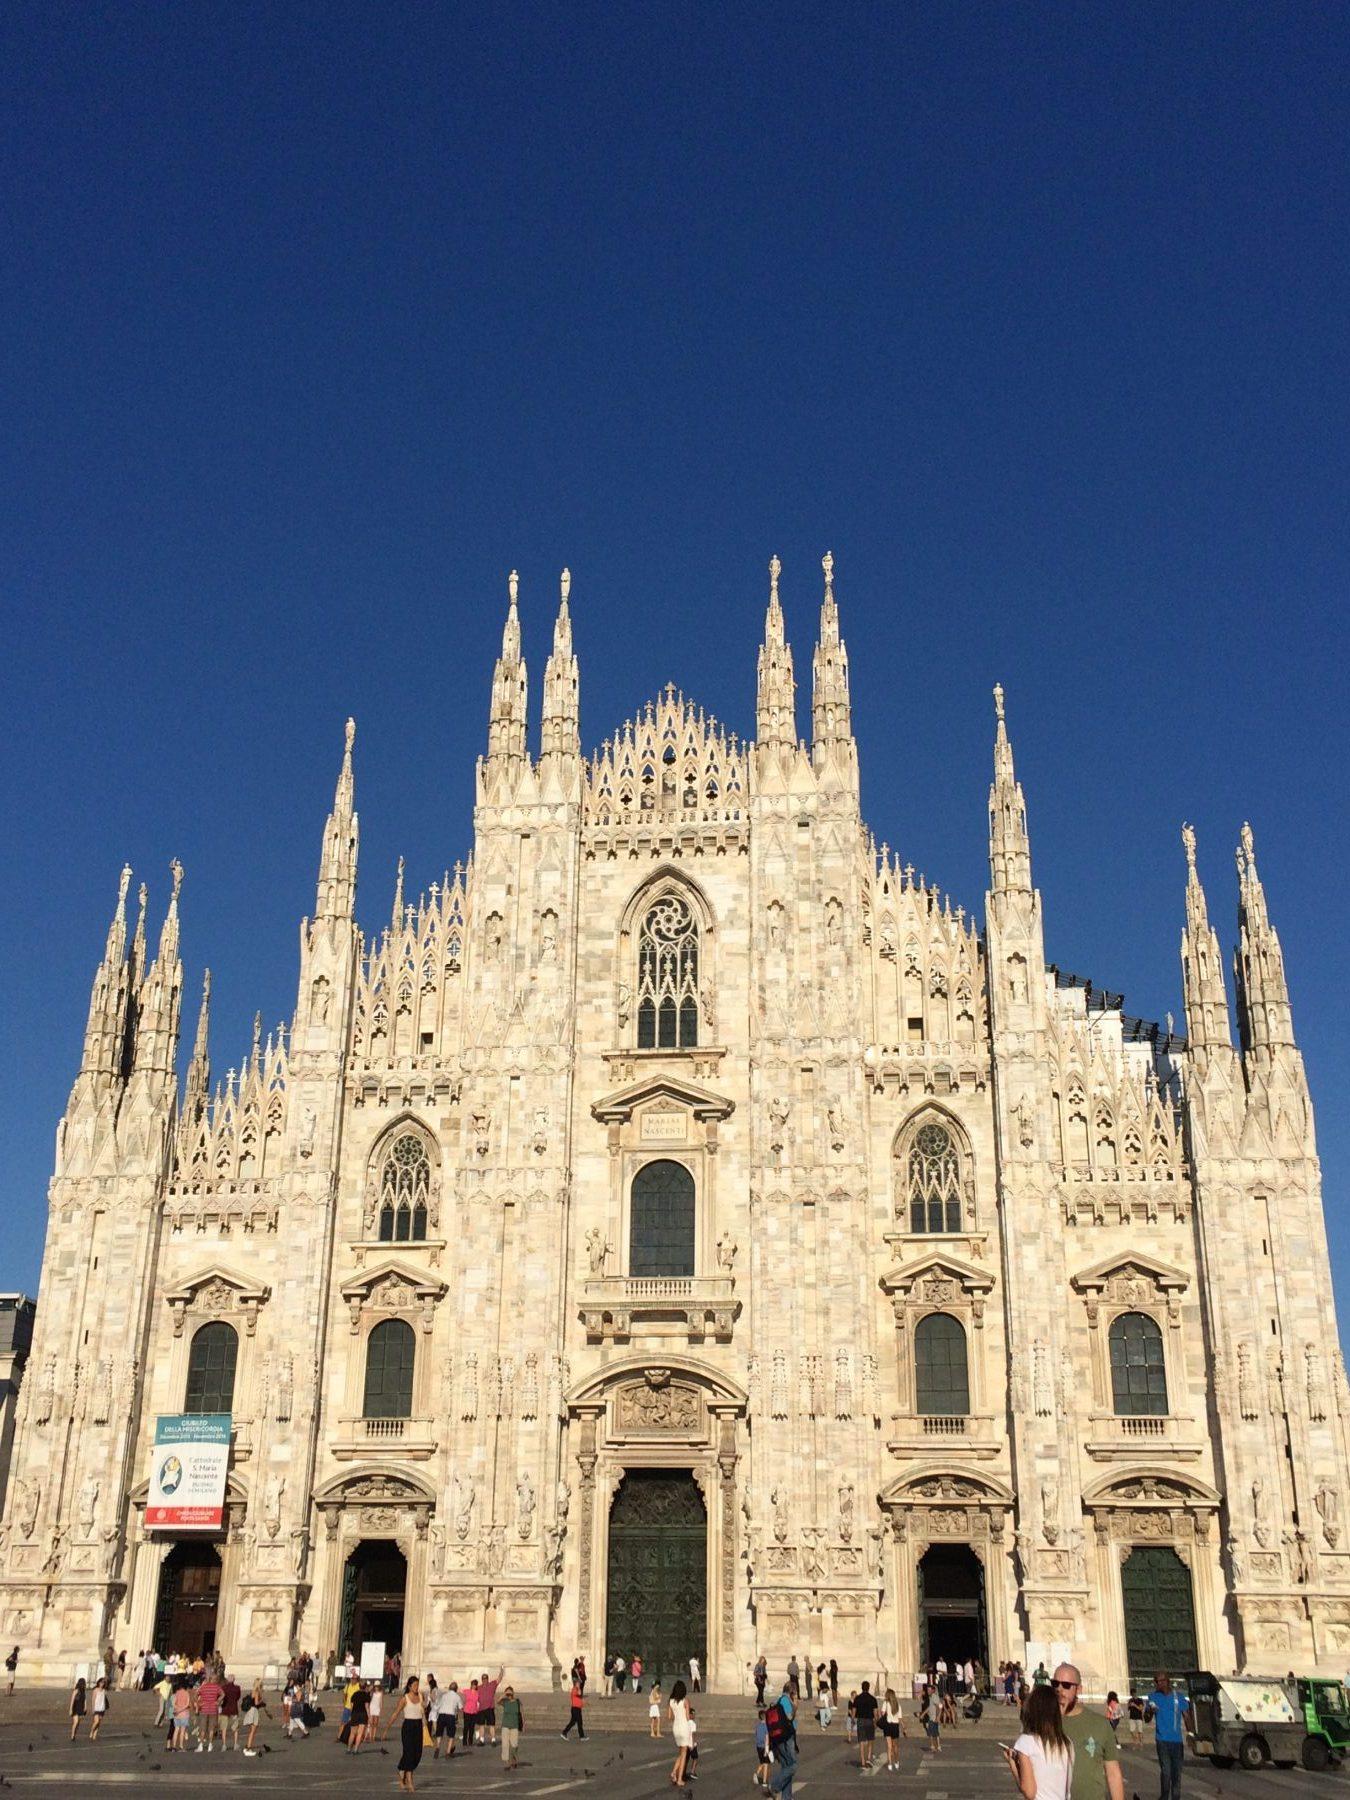 Come nell'indolenza di una caldissima estate, tra sonnellini e zanzare, ci siamo innamorati di Milano